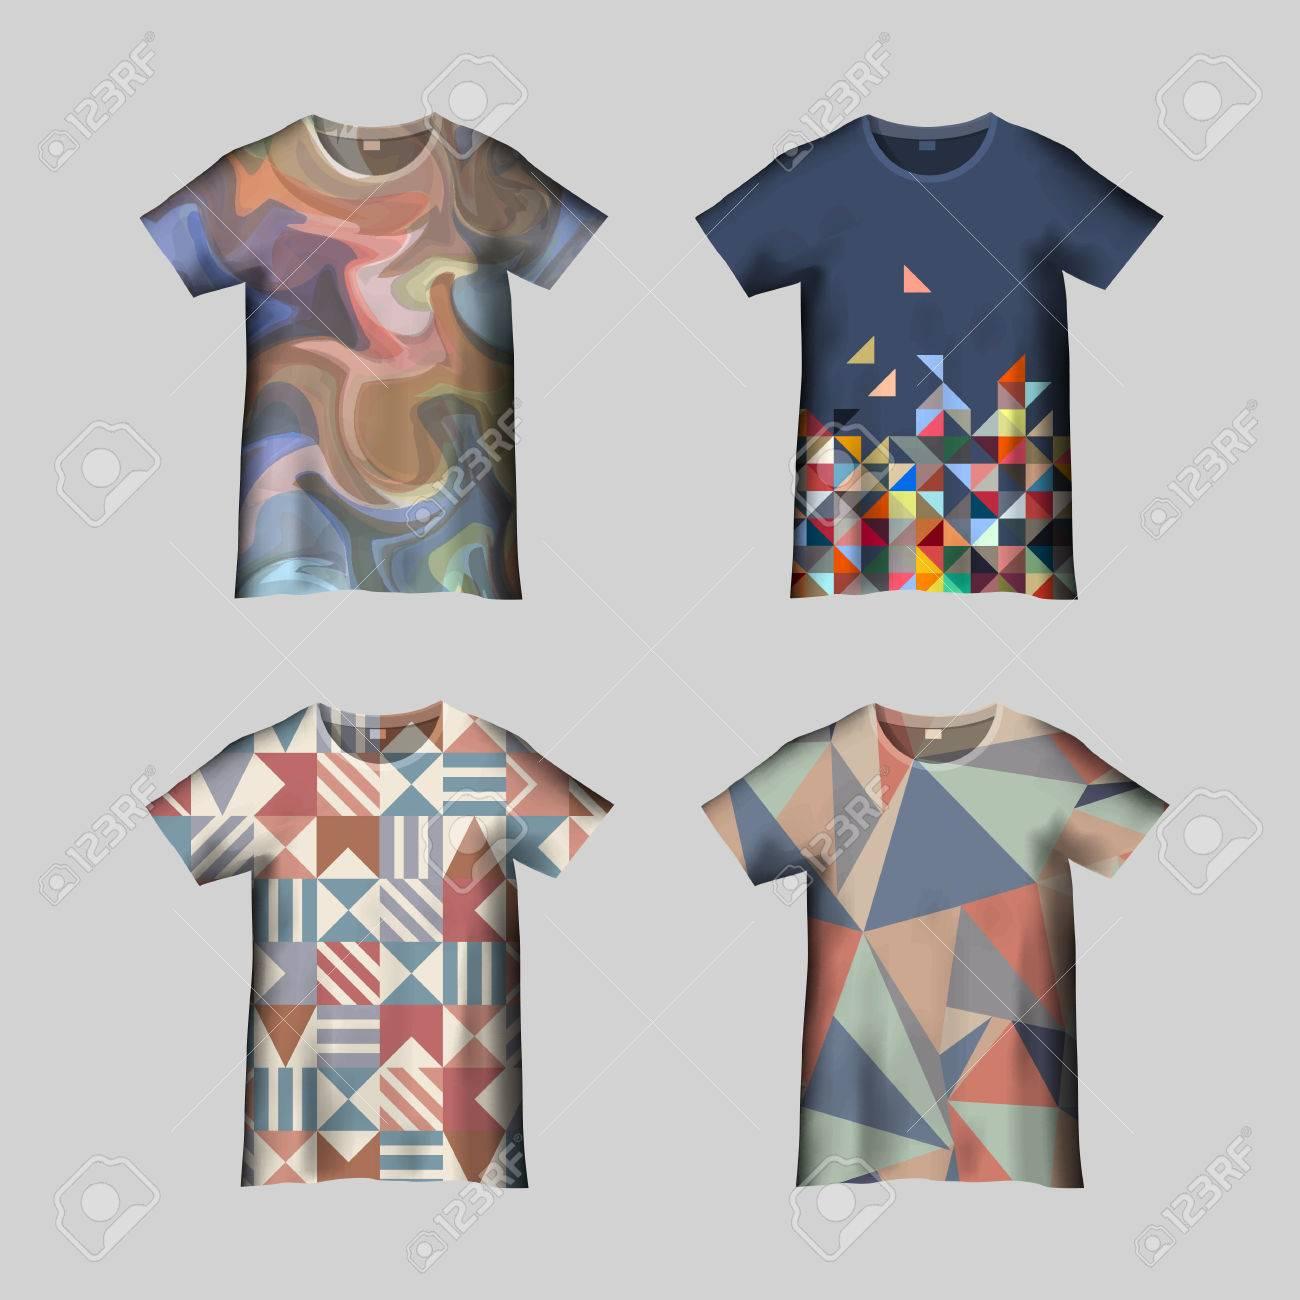 Ideas For T Shirt Printing | carrerasconfuturo.com